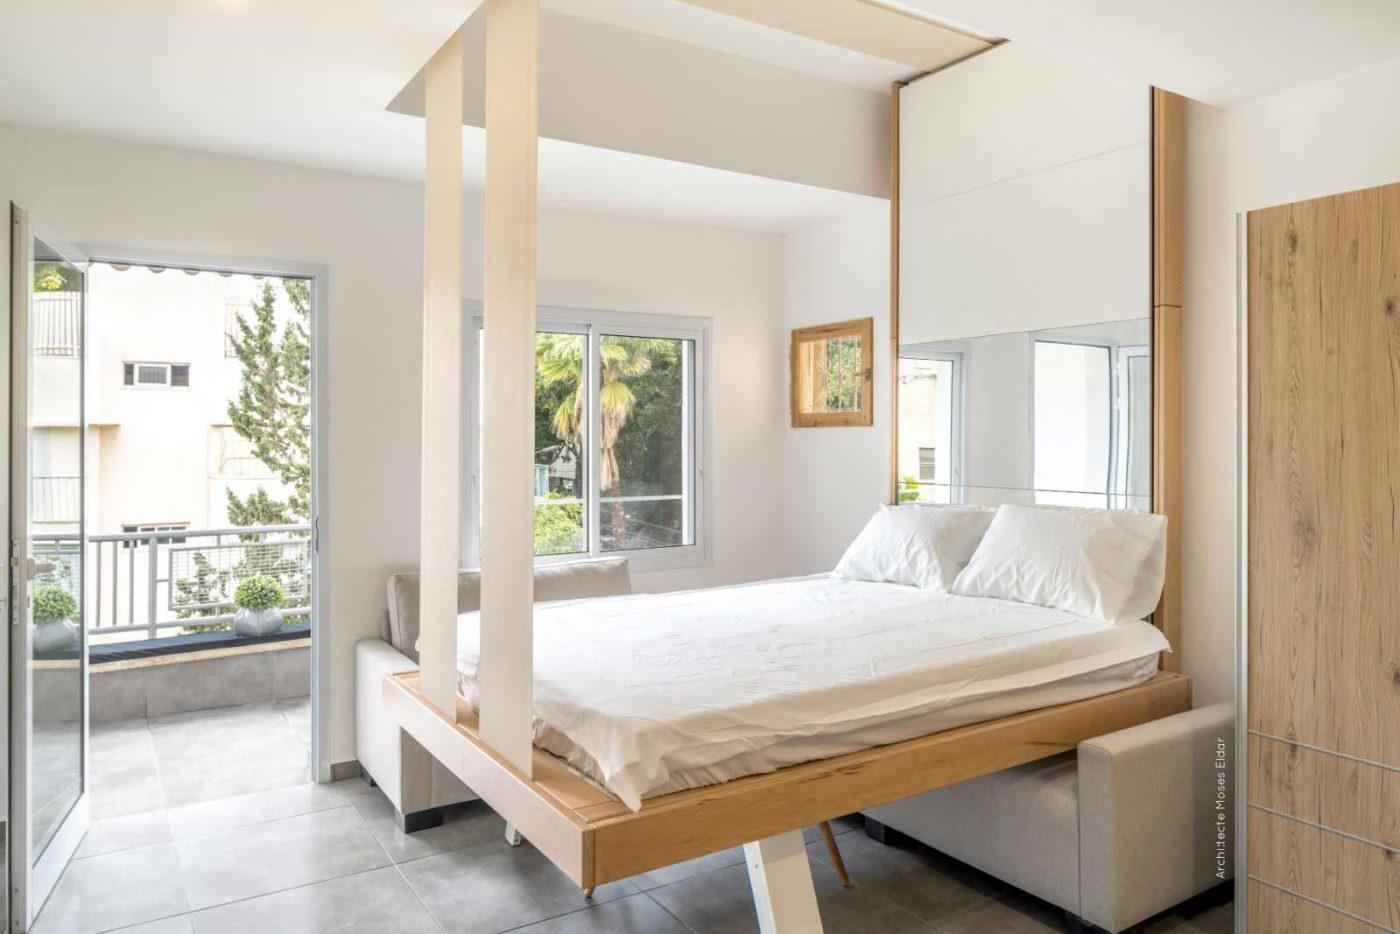 le lit escamotable bedup cocoon grimpe et disparait au plafond